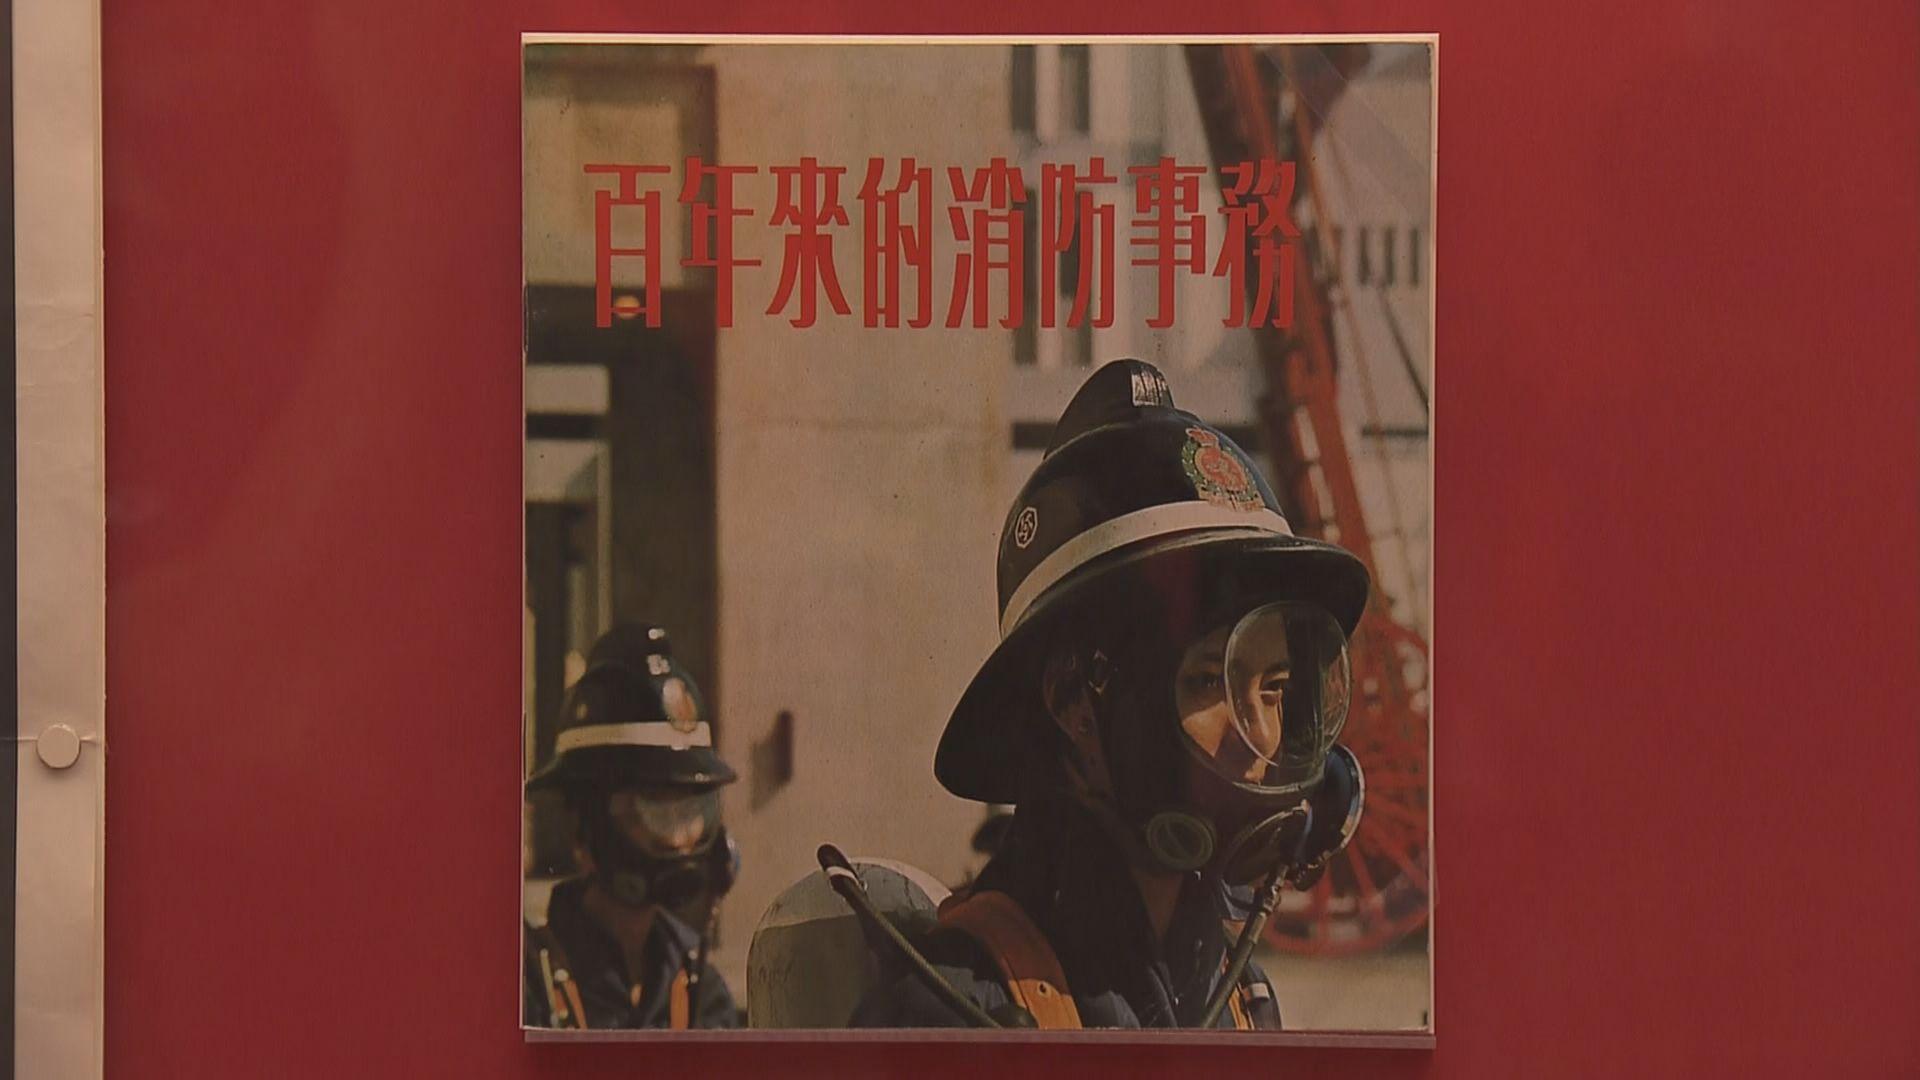 消防處舉辦成立150年展覽